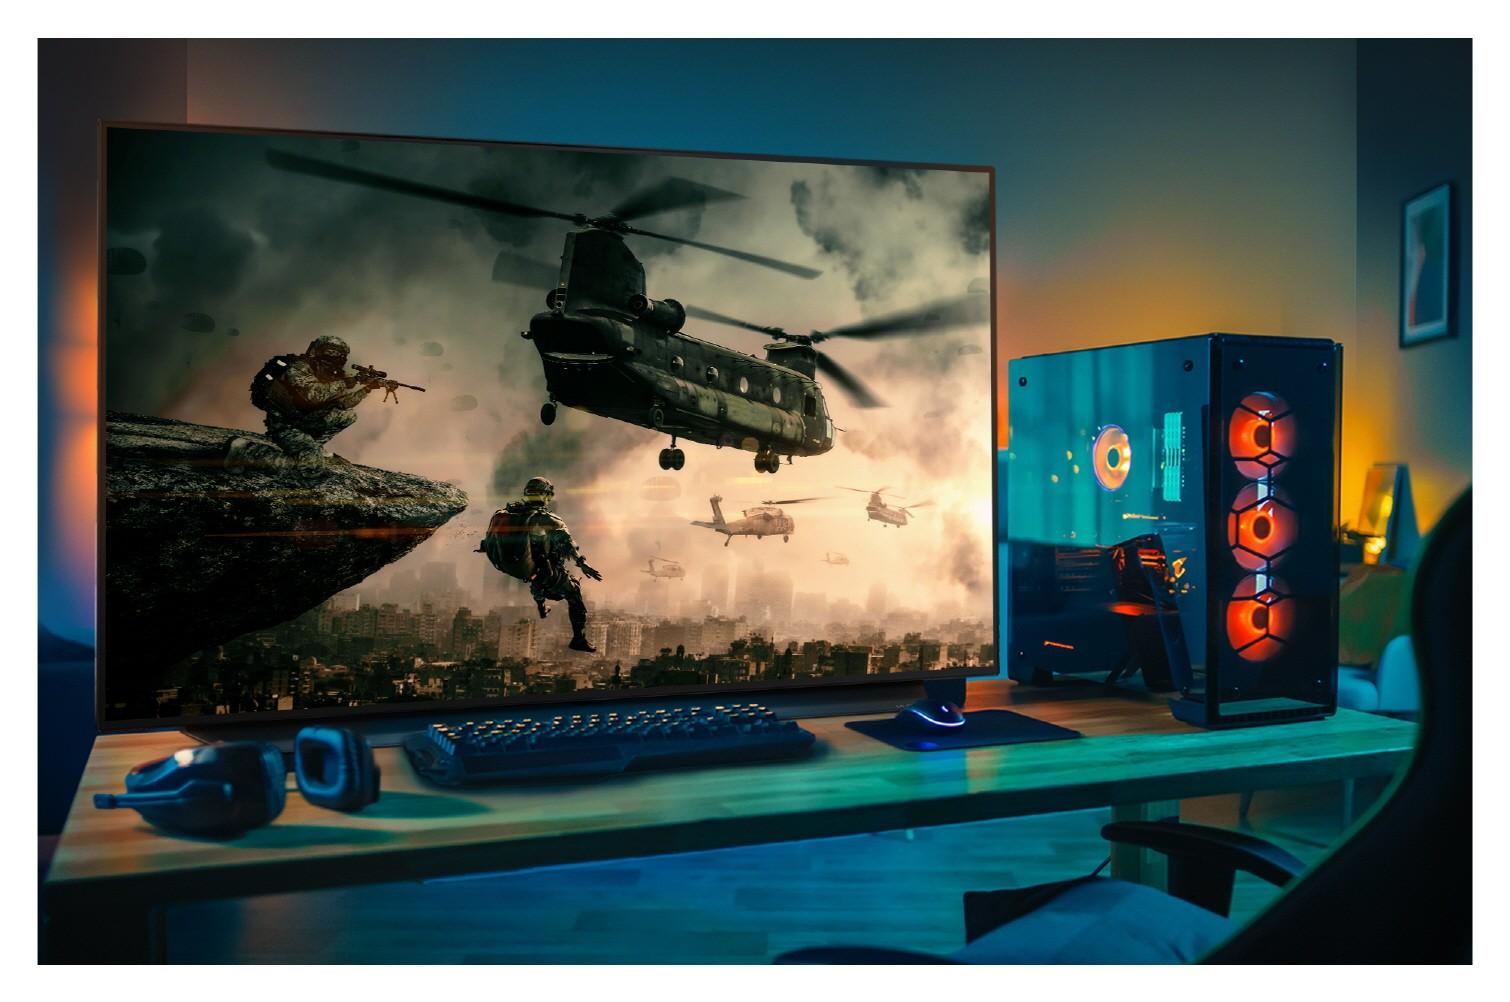 Новый Oled-телевизор LG с диагональю 48 дюймов: для фильмов и игр